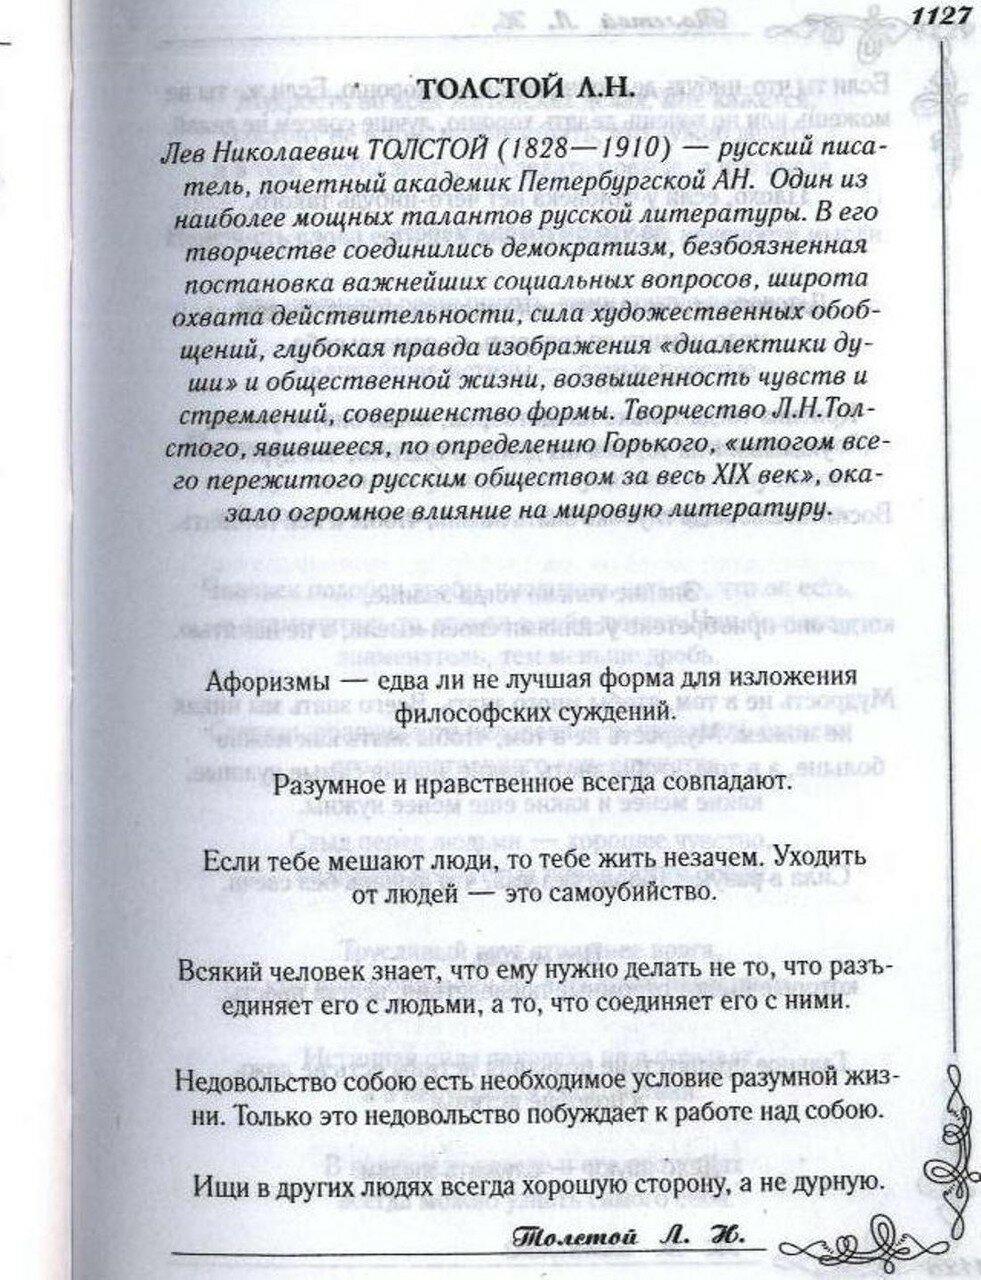 Лев Толстой. Афоризмы 001 .jpg